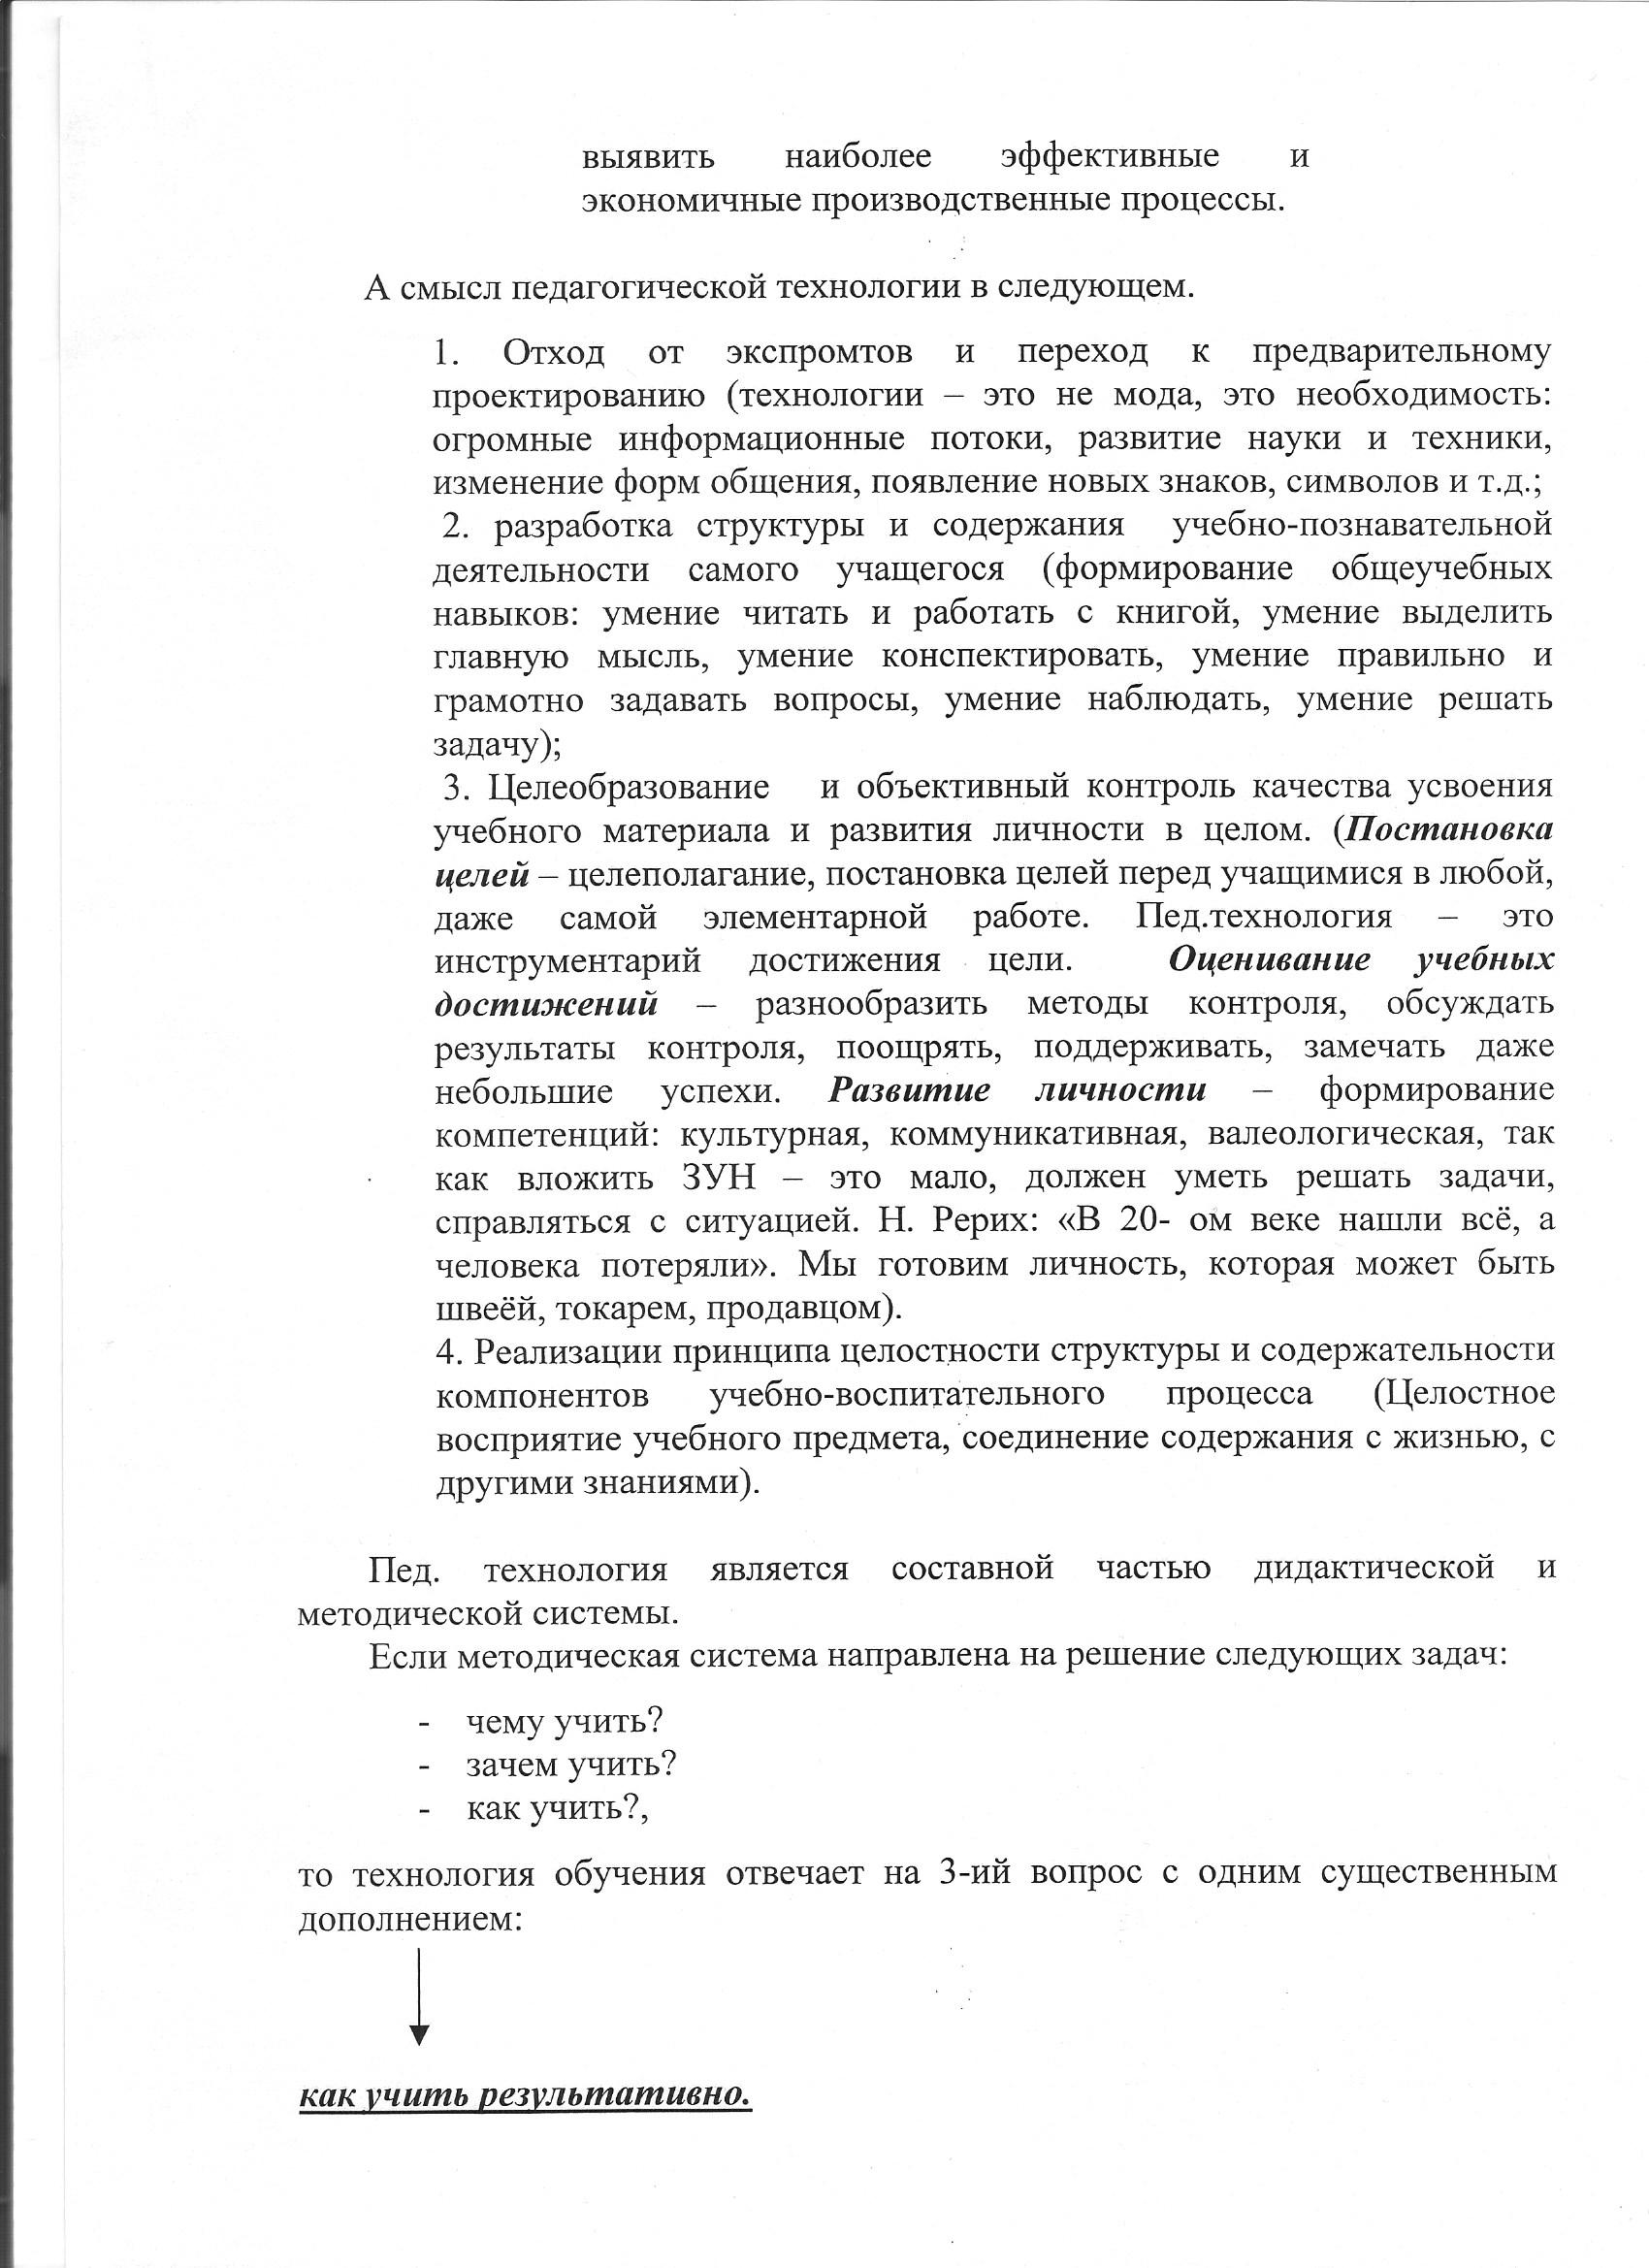 C:\Documents and Settings\Николай\Мои документы\Мои рисунки\Пед. технологии3.bmp